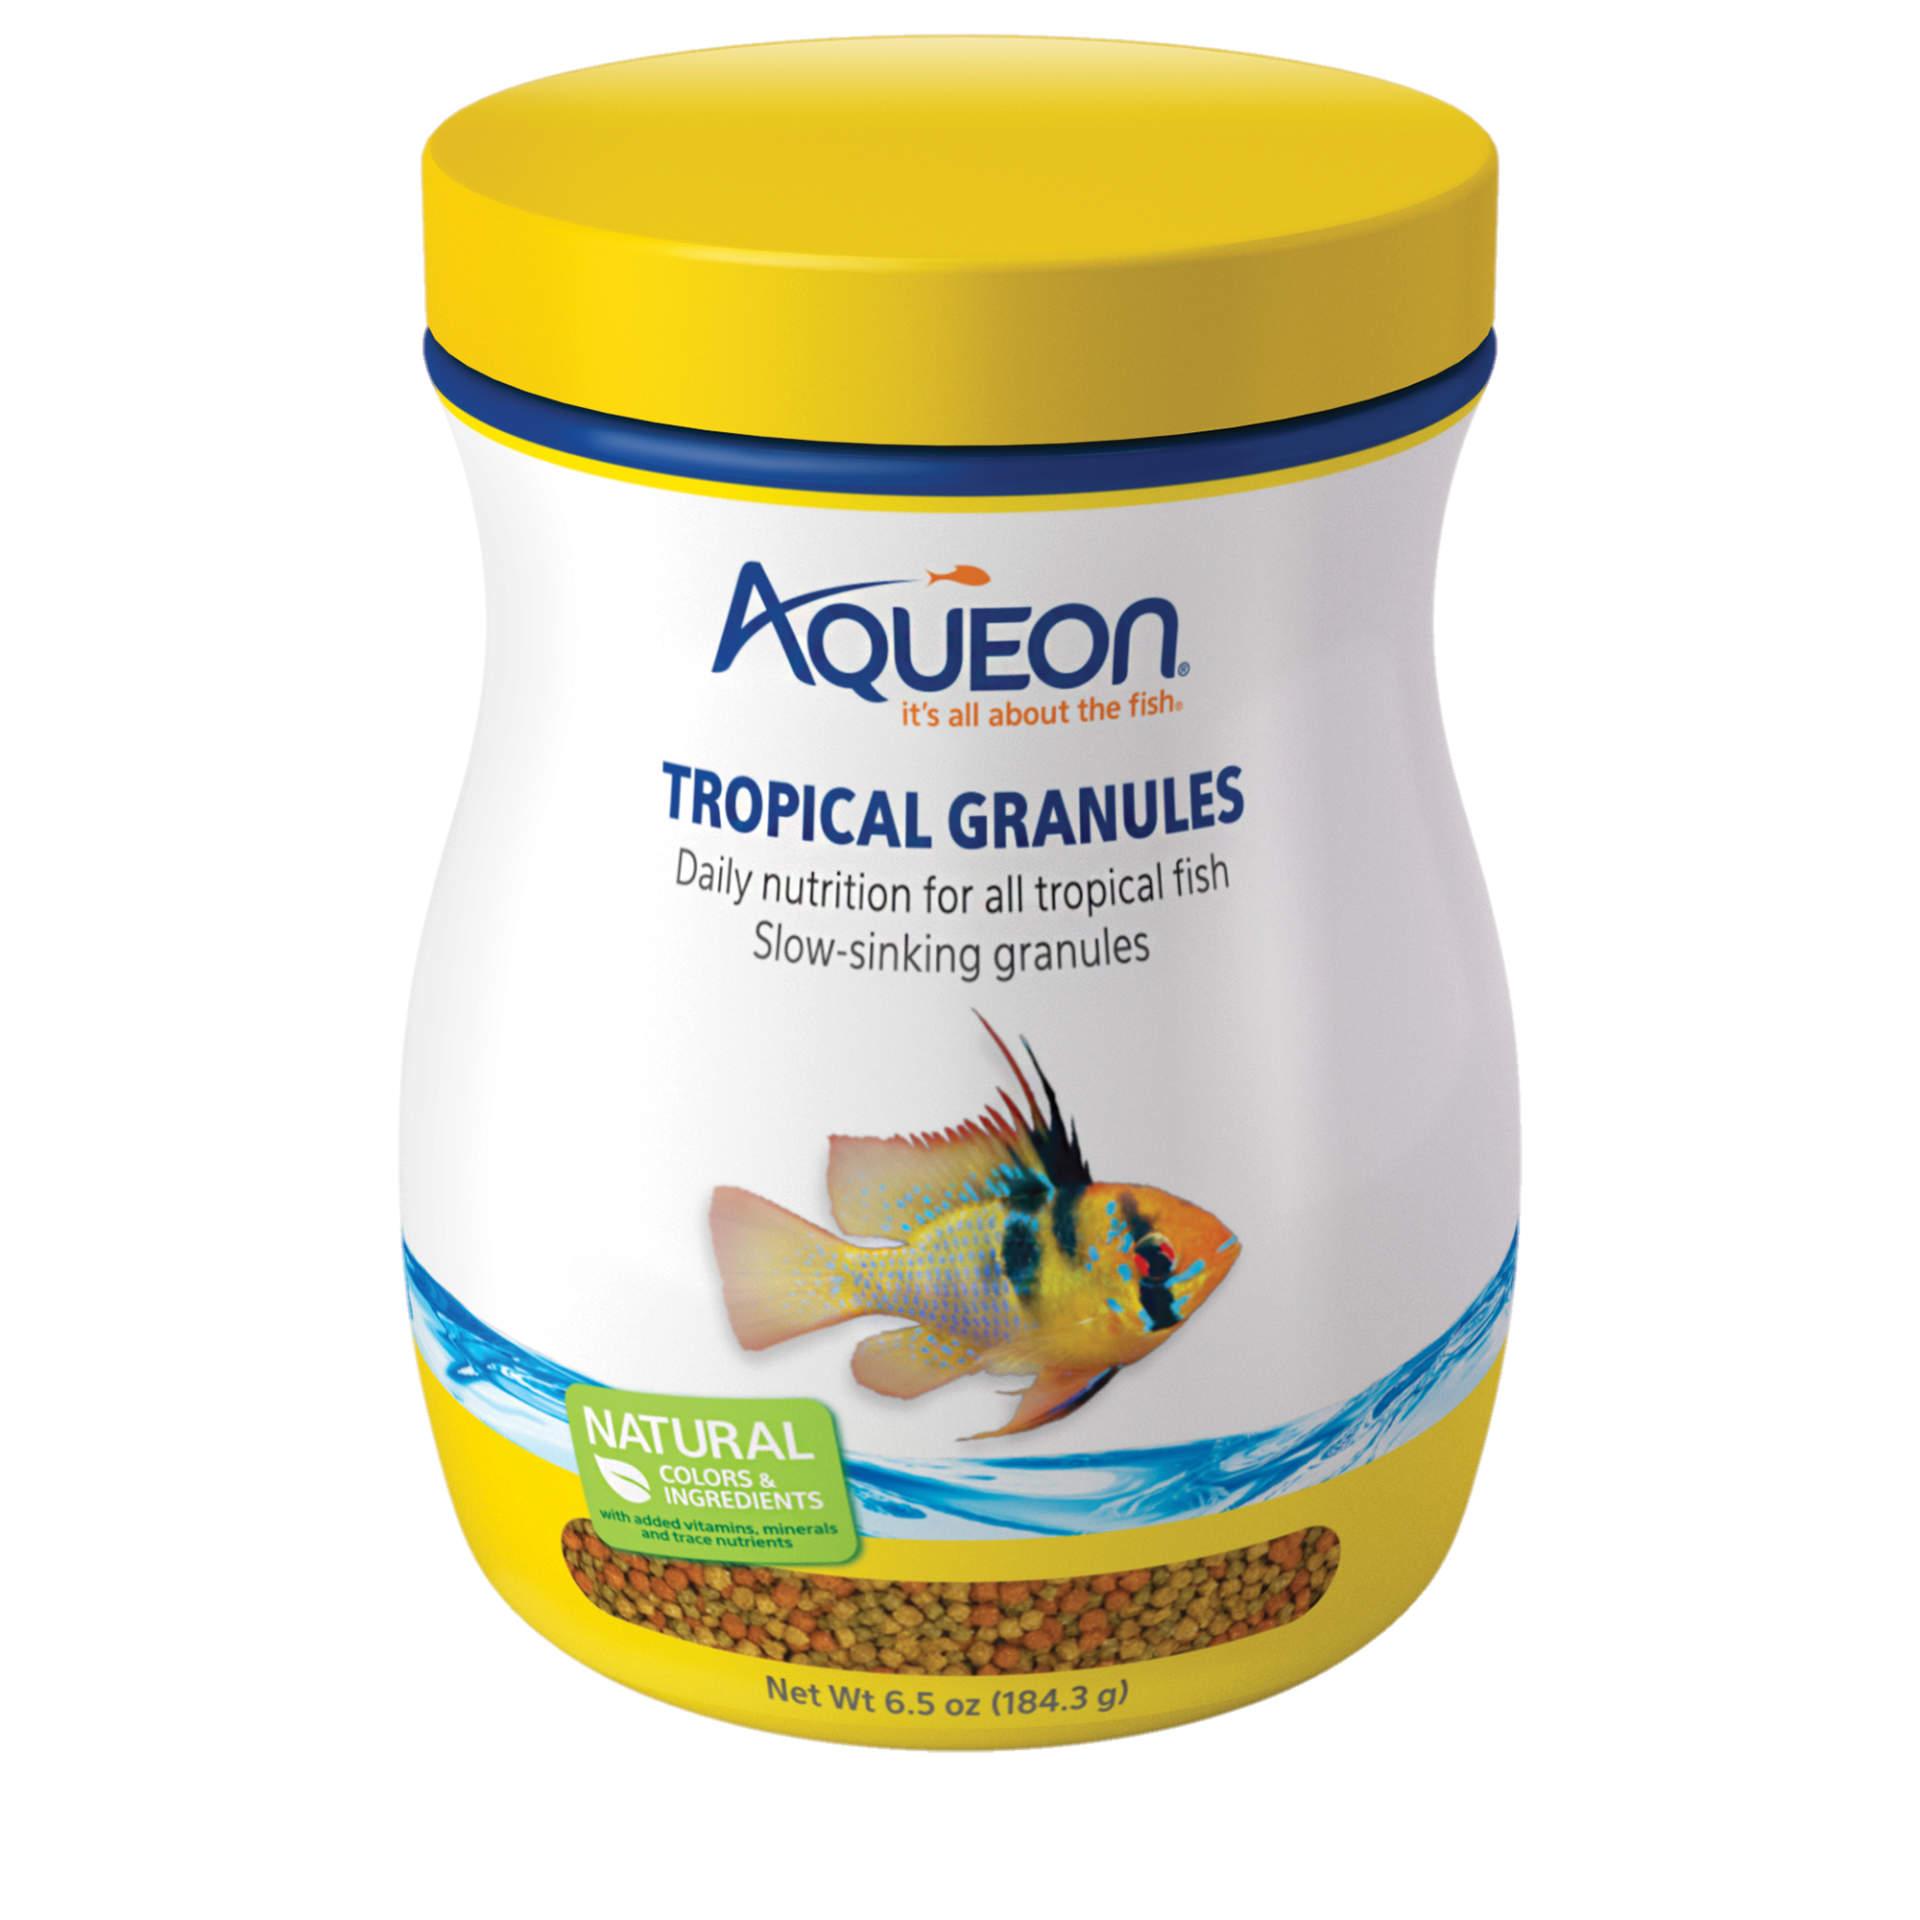 Aqueon Tropical Granules 6.5oz